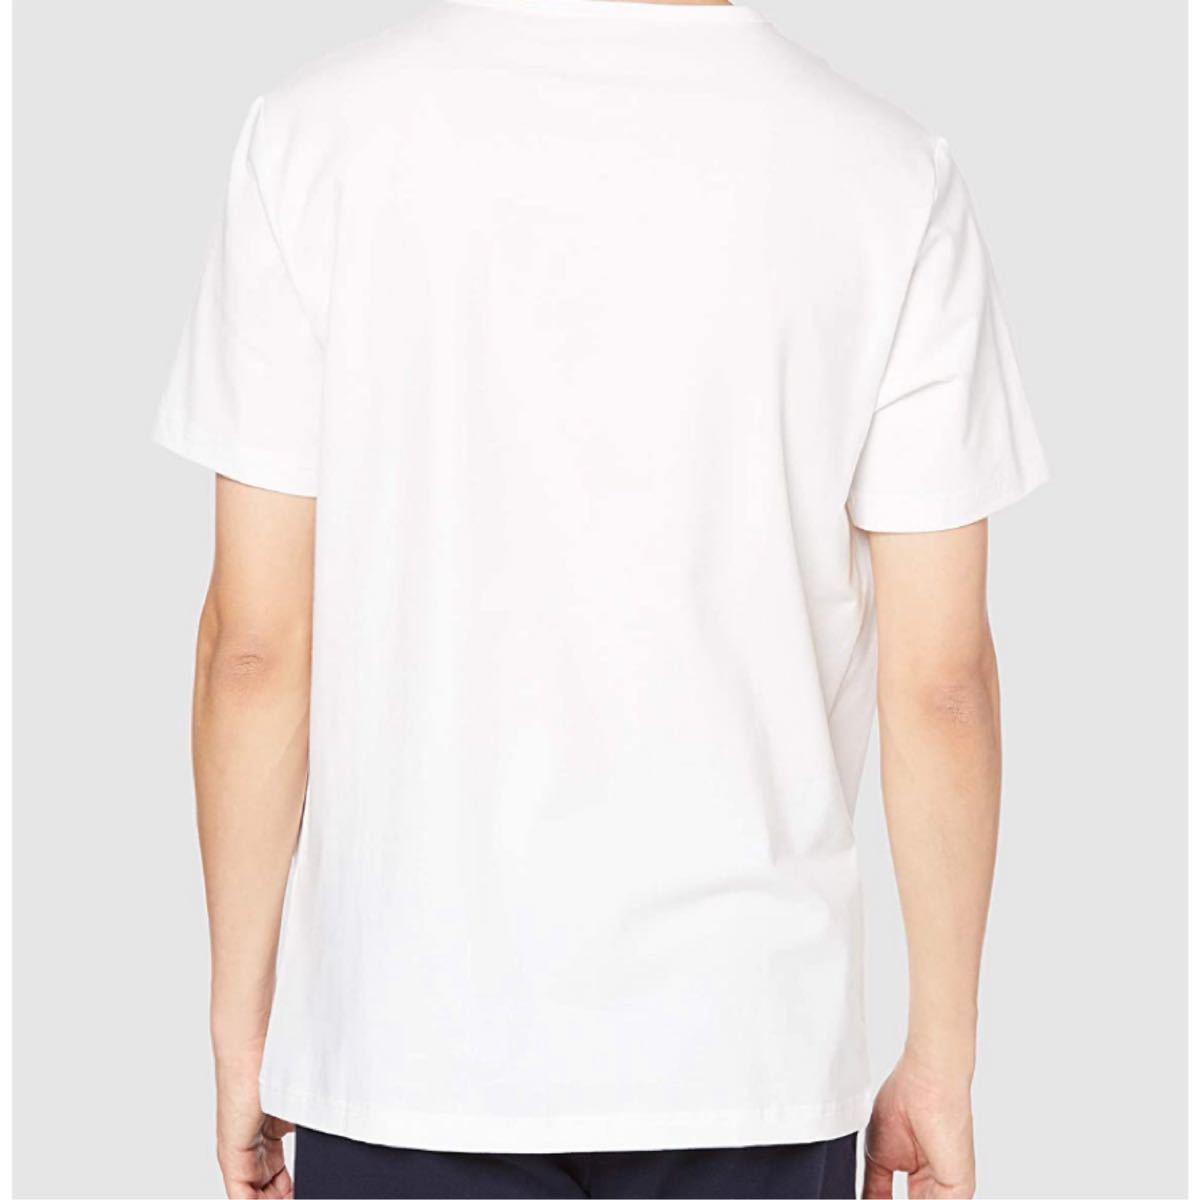 無地 Tシャツ メンズ 半袖 長袖 タイトフィット ストレッチ クルーネック 綿 伸縮性スパンデックス インナーシャツ 透けにくい